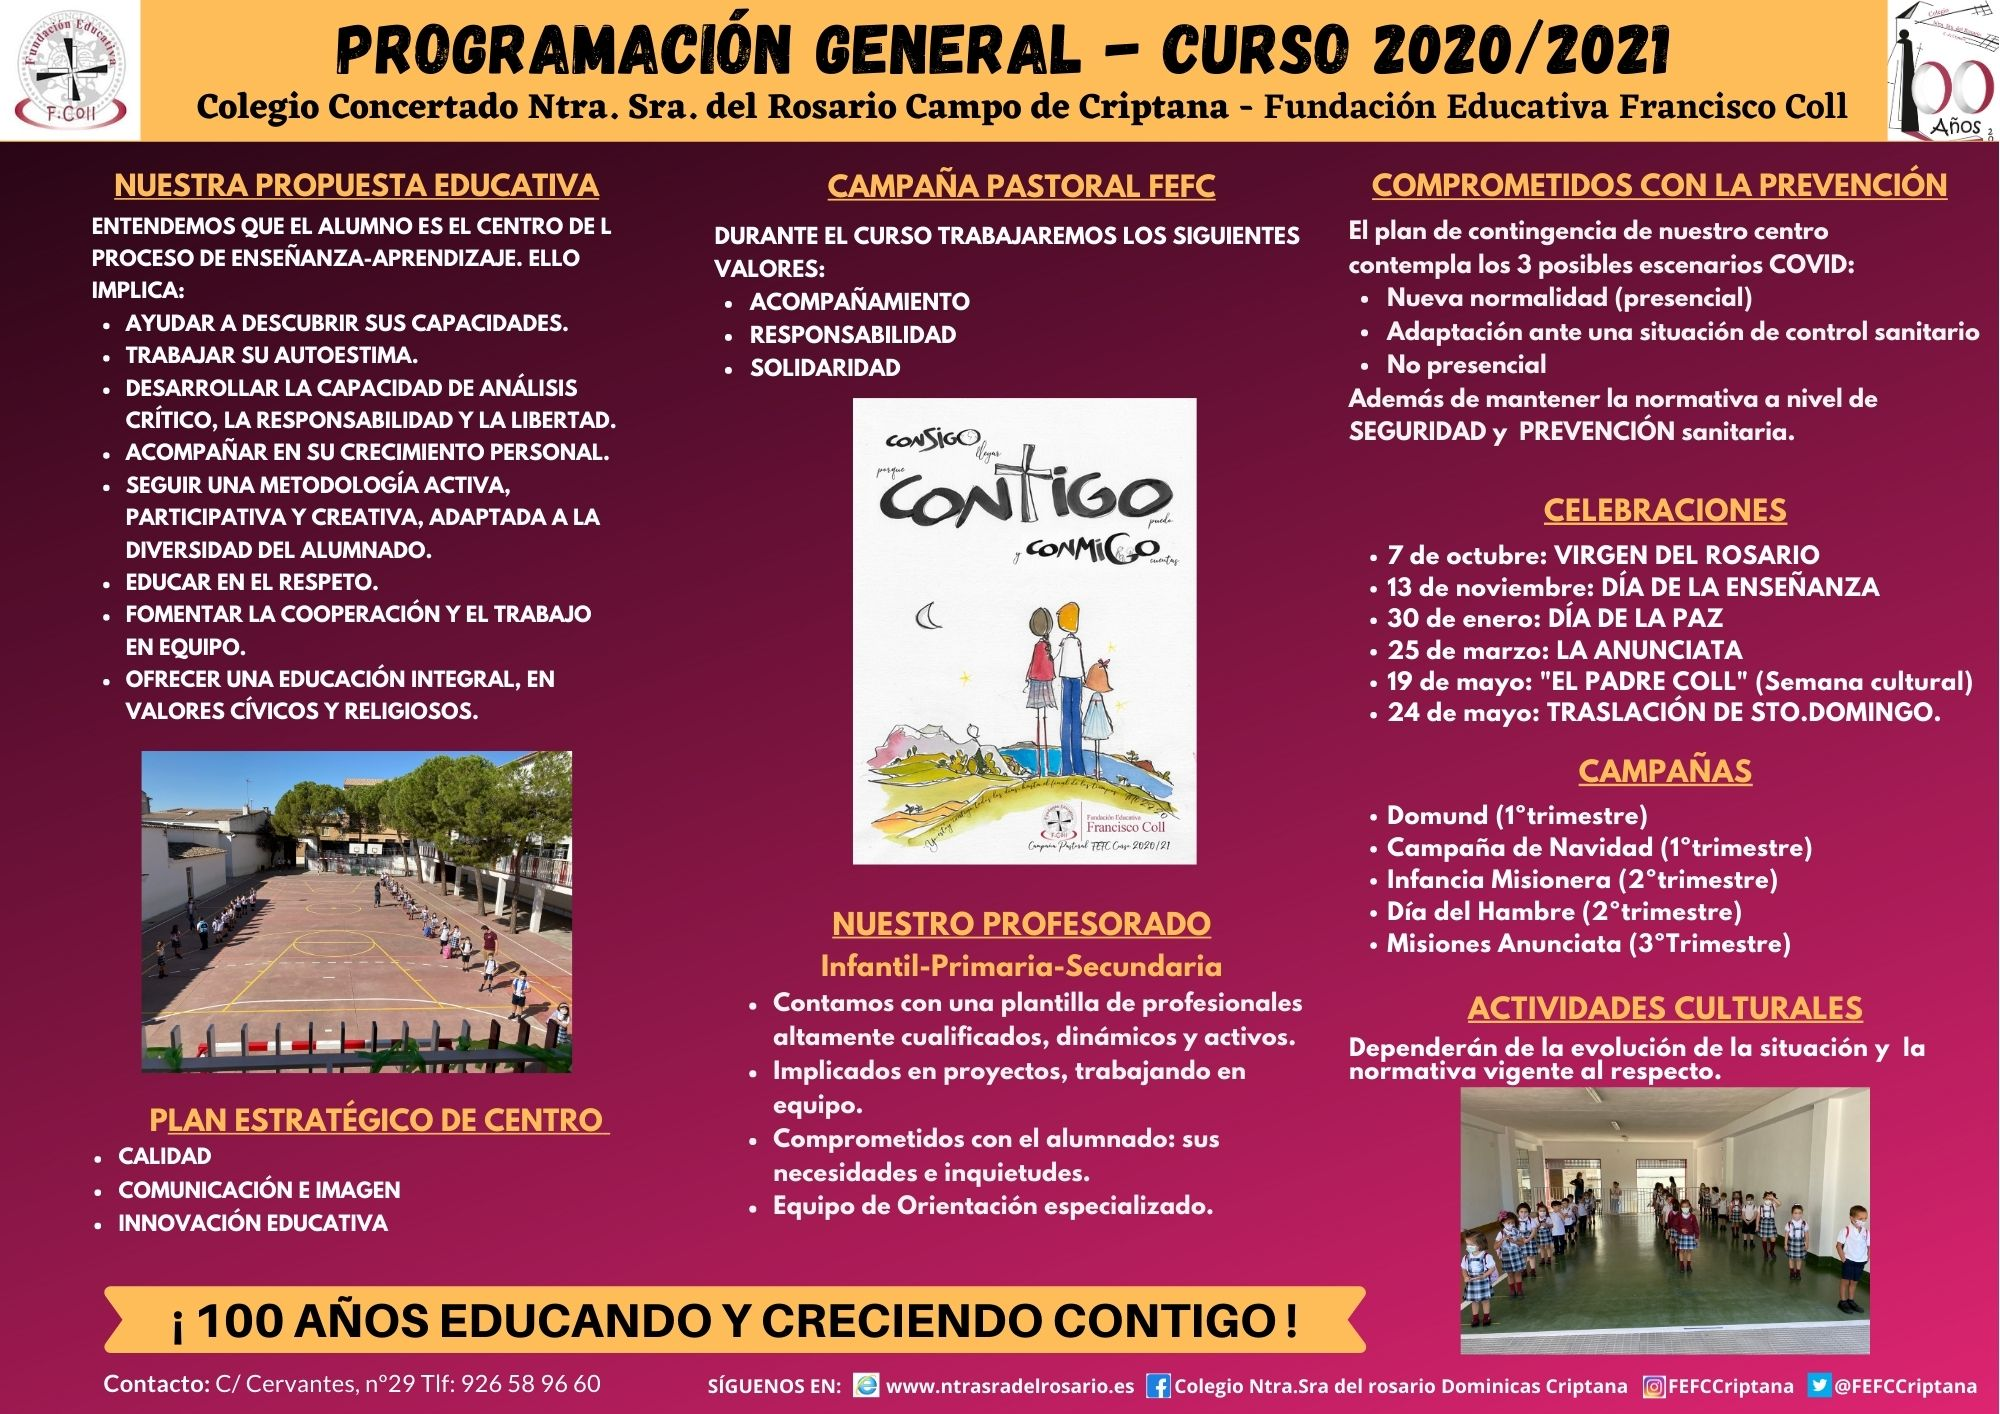 Copia de COLEGIO CONCERTADO NTRA.SRA. DEL ROSARIO